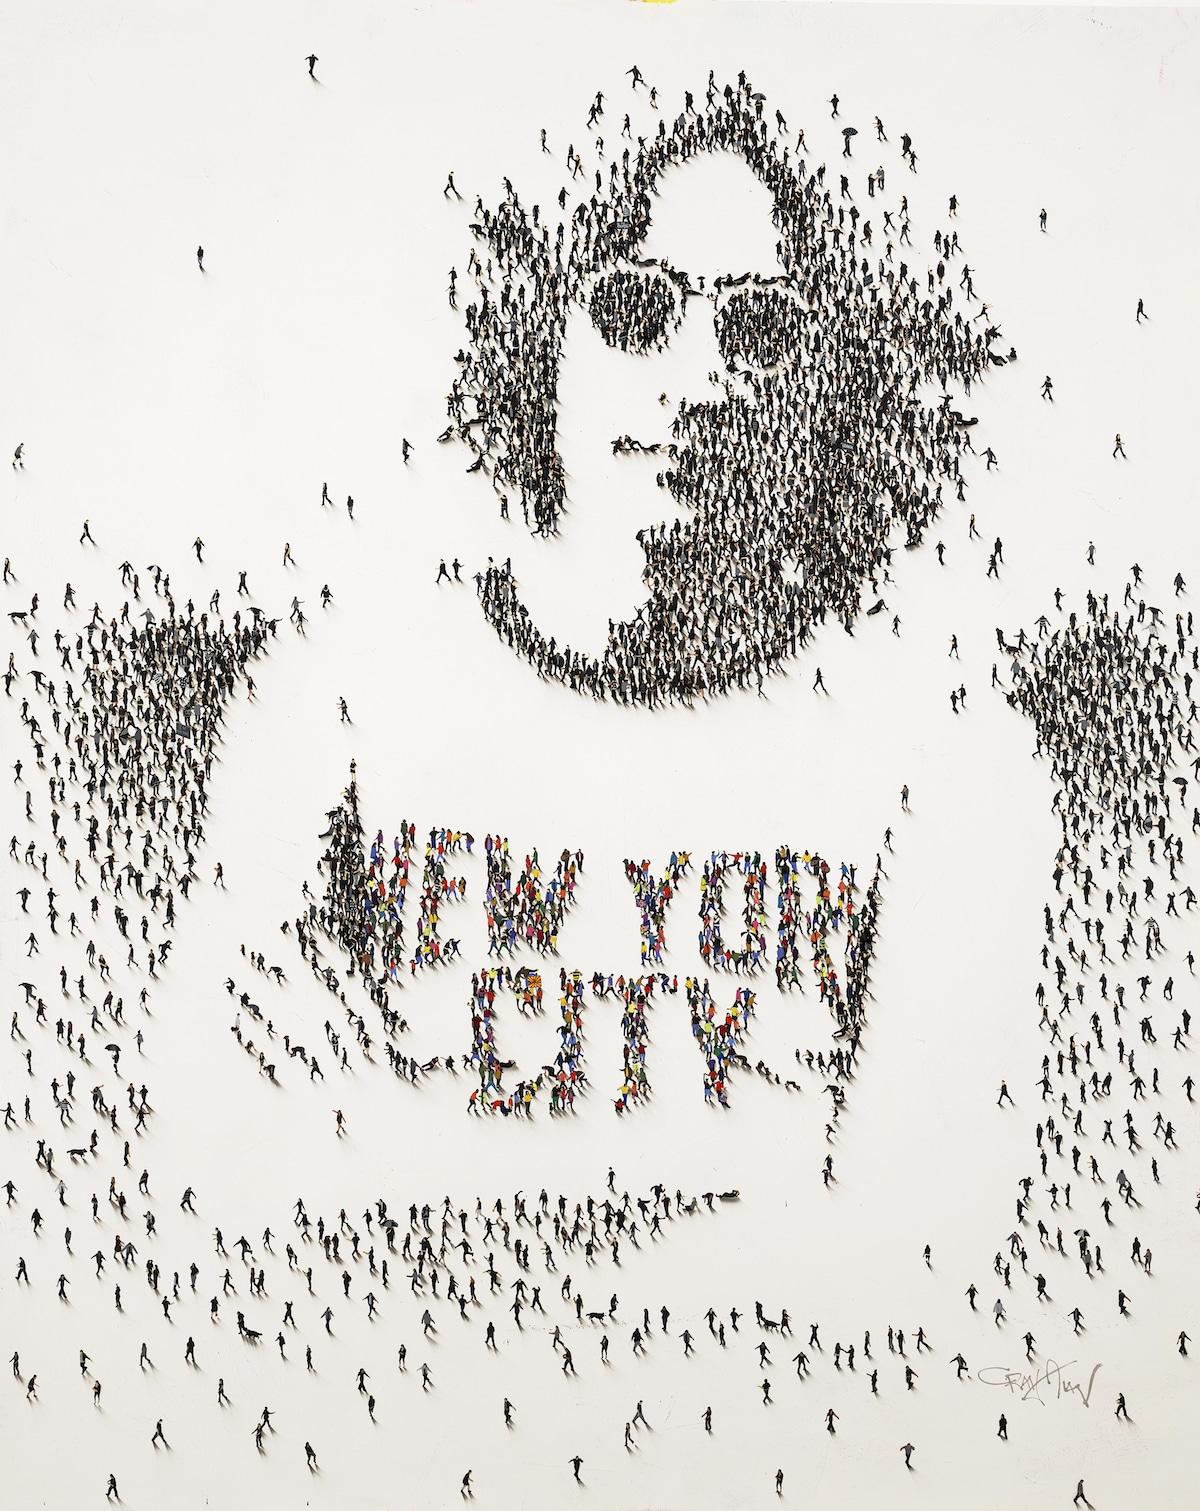 Retrato de John Lennon por Craig Alan